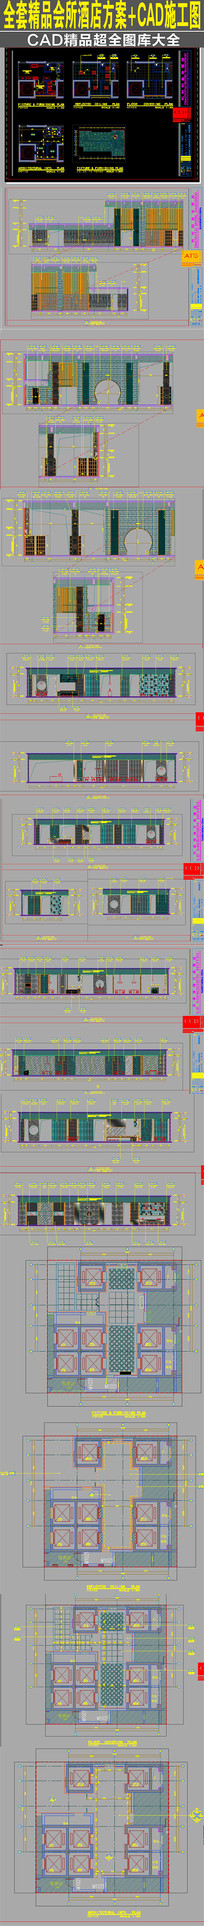 全套精品酒店CAD和效果图